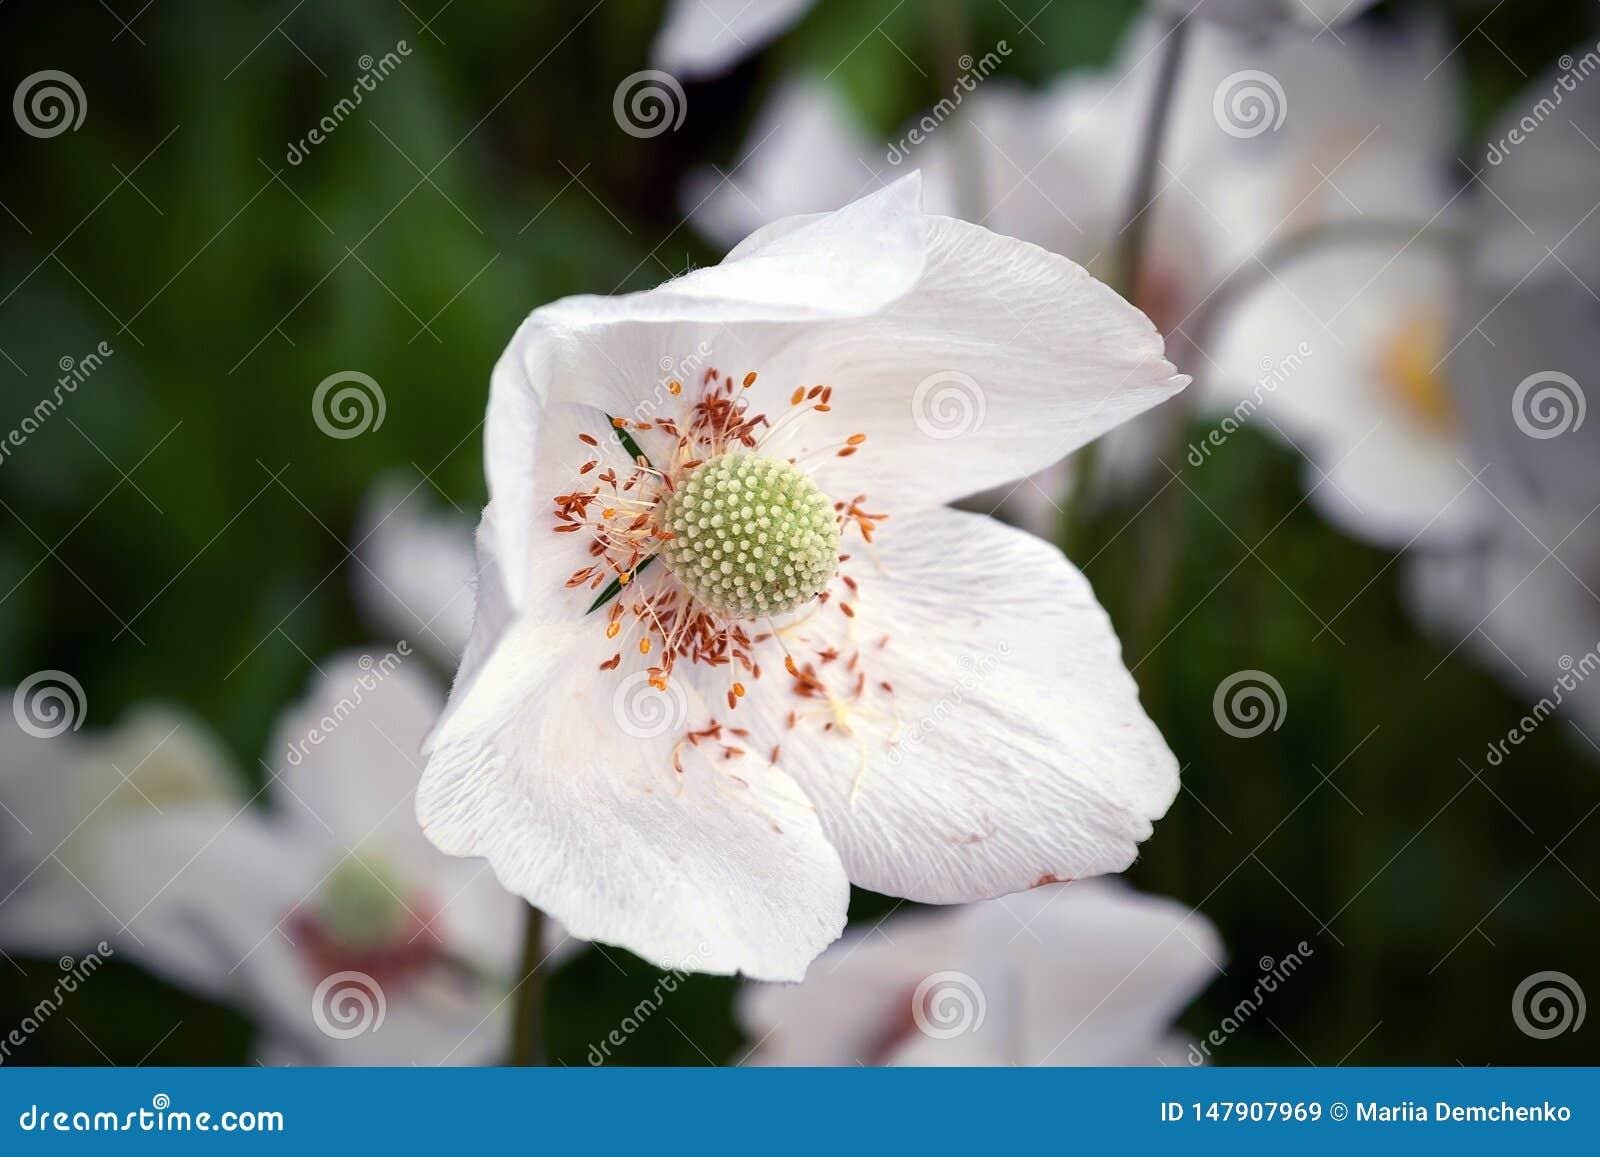 Взгляд крупного плана красивого белого цветка sylvestris ветреницы с политыми желтыми тычинками на запачканной темной предпосылке